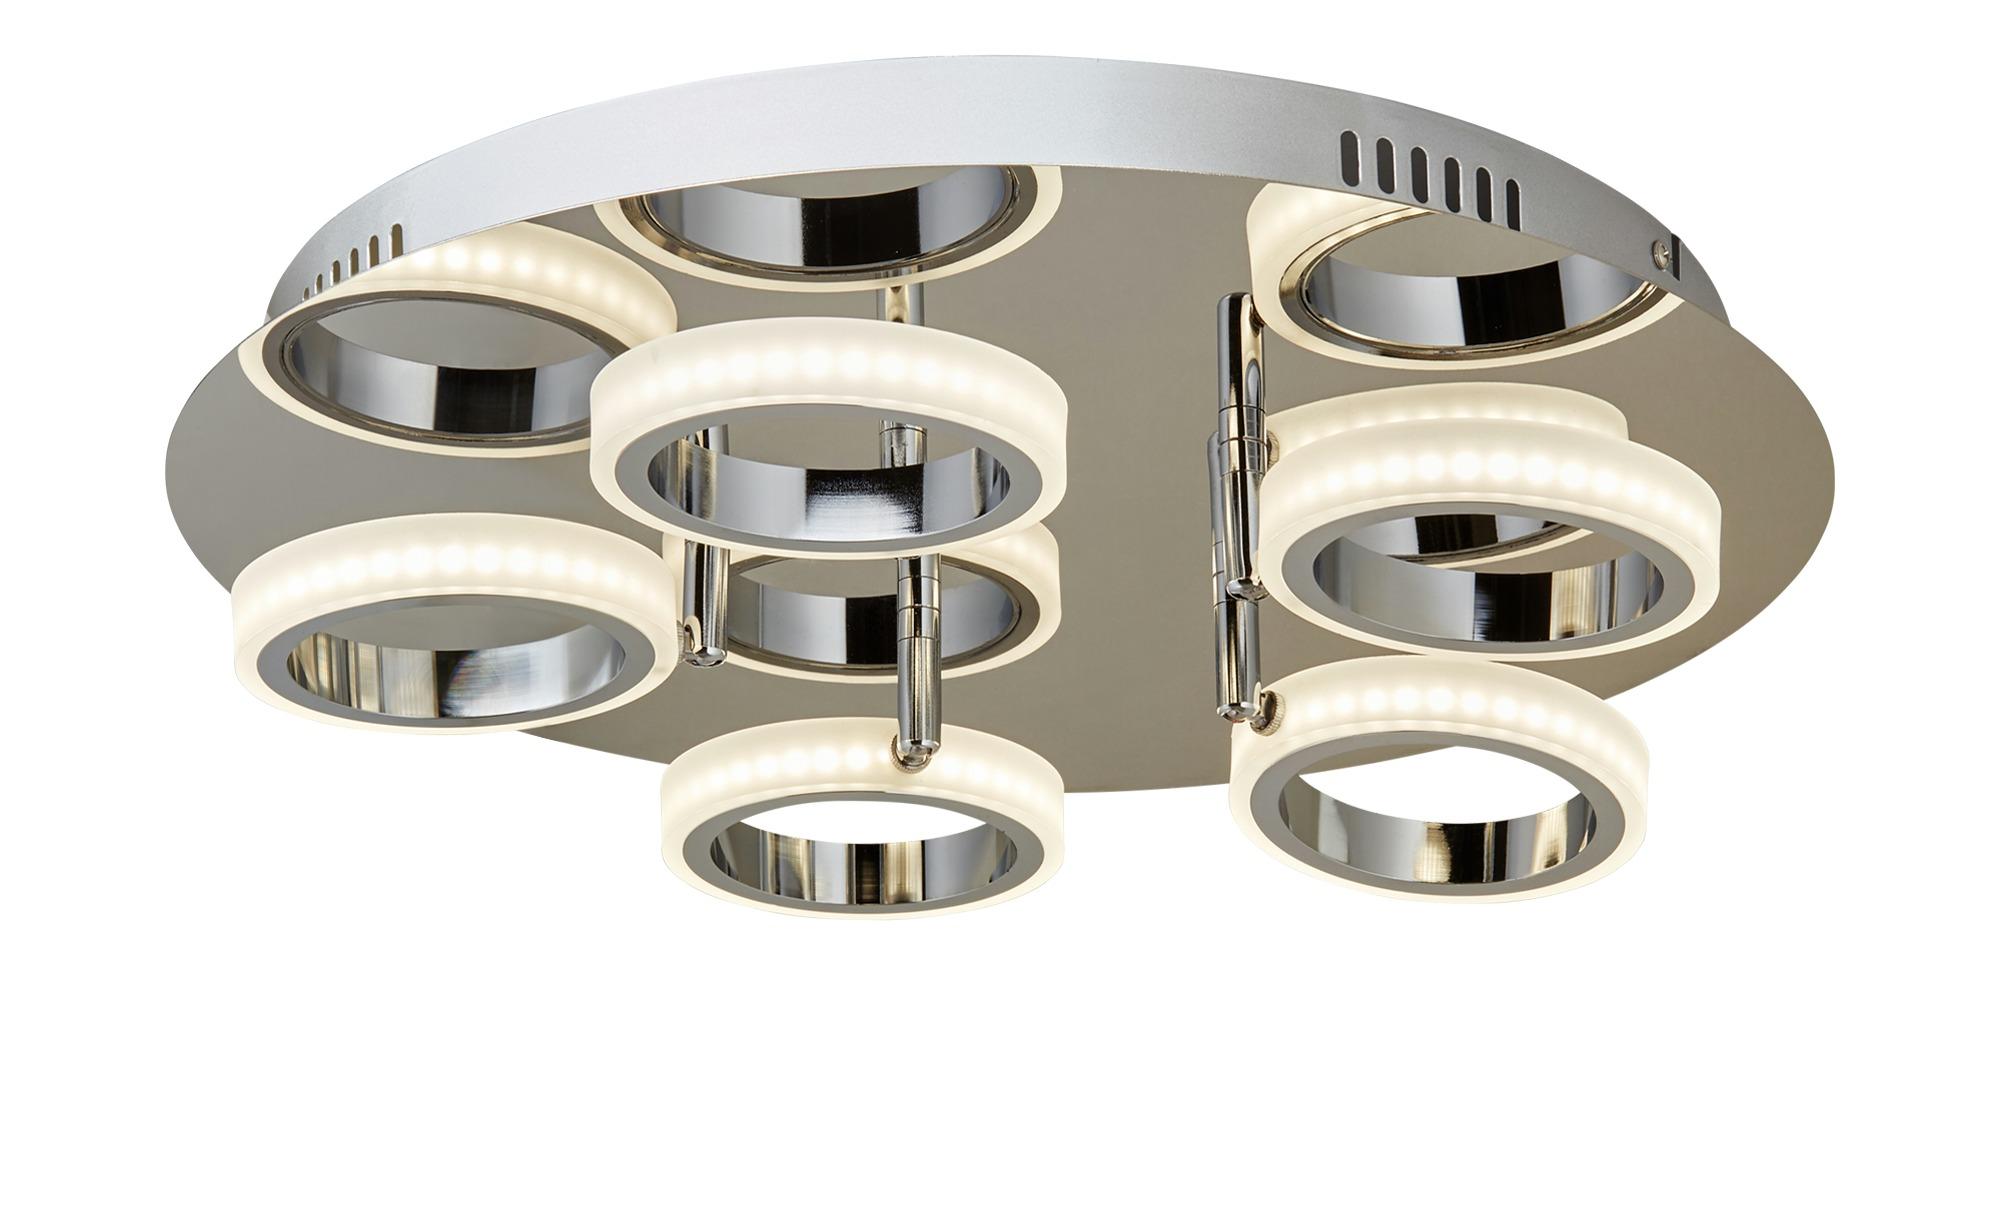 KHG LED-Deckenleuchte mit Acrylringen ¦ silber ¦ Maße (cm): H: 10 Ø: [45.0] Lampen & Leuchten > Innenleuchten > Deckenleuchten - Höffner